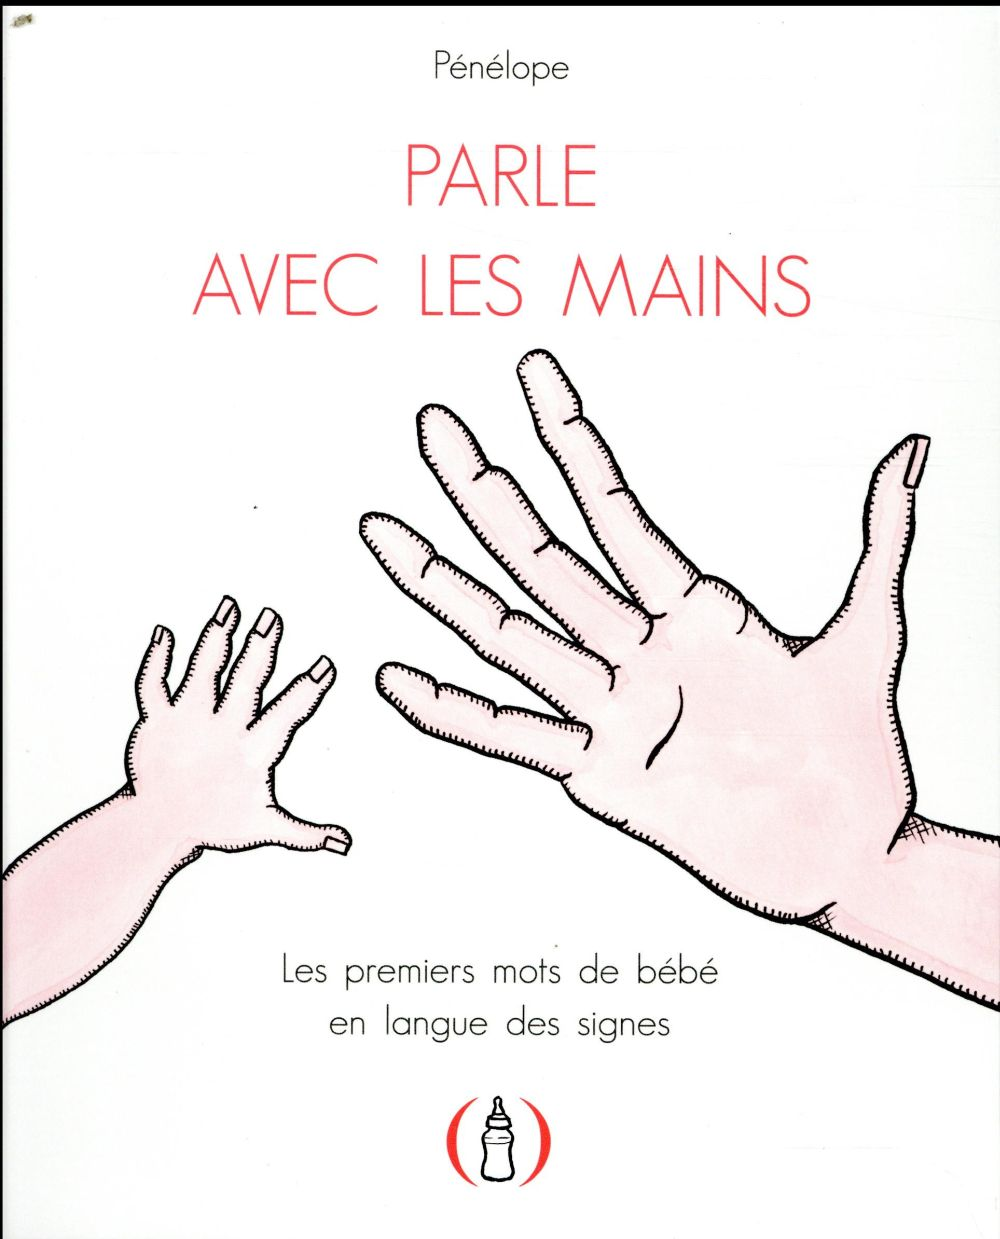 PARLE AVEC LES MAINS - LES PREMIERS MOTS DE BEBE EN LANGUE DES SIGNES